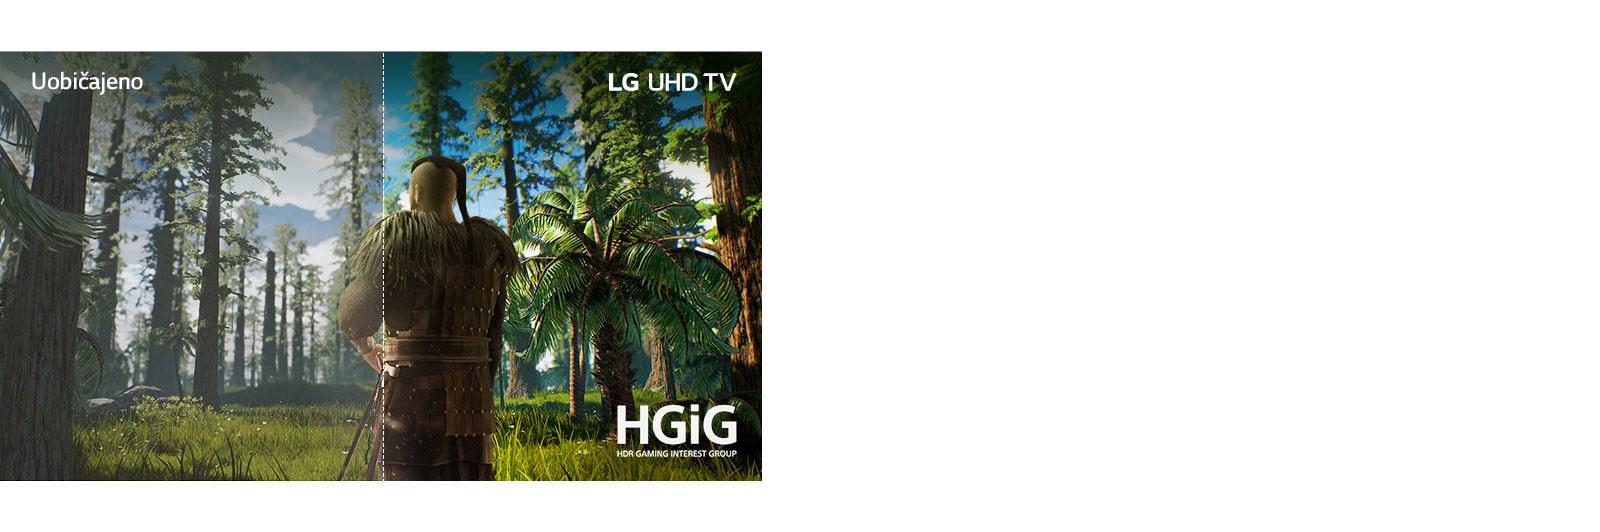 TV ekran, ki prikazuje prizor iz video igre, v kateri moški stoji sredi gozda. Ena polovica je prikazana na običajnem zaslonu slabe kakovosti slike. Druga polovica je prikazana na LG UHD televizorju z jasno in krasno kakovostjo slike.